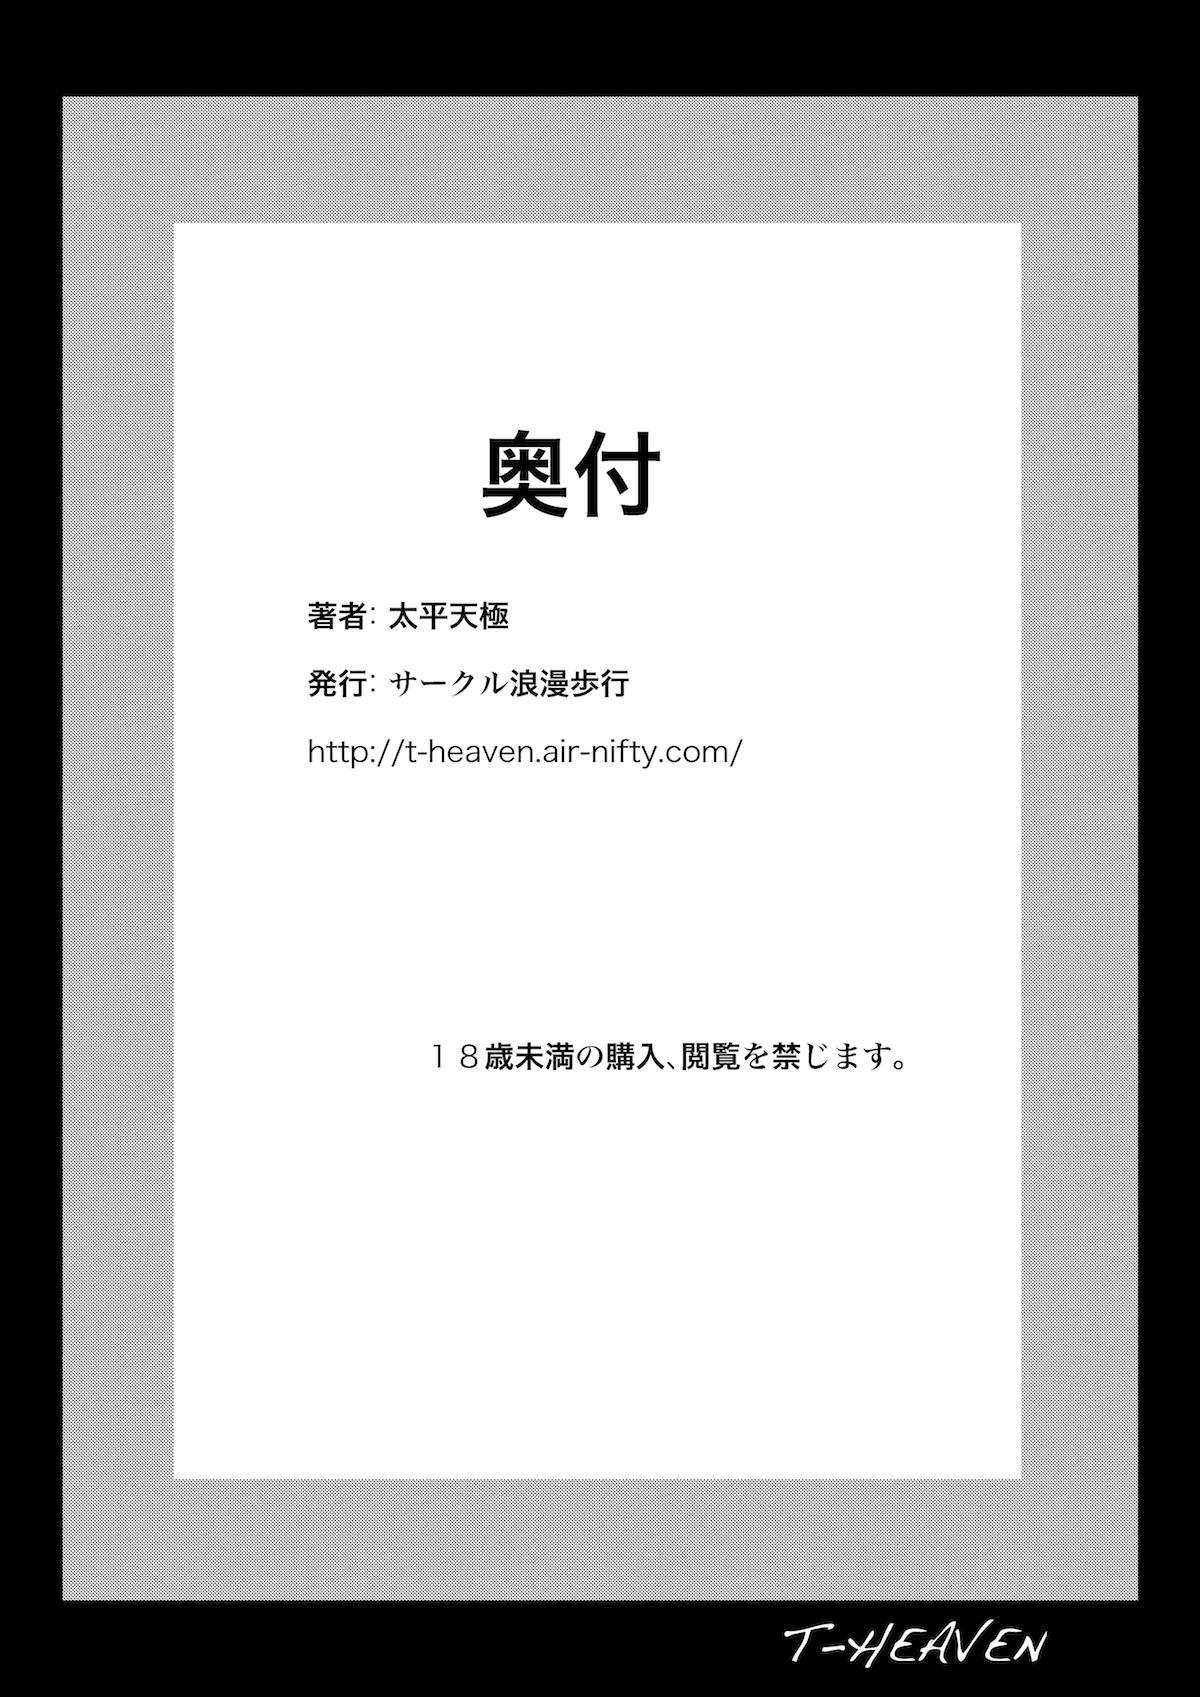 Atashi ga Jibun kara Ochiru made no Chijoku no Tokakan 44